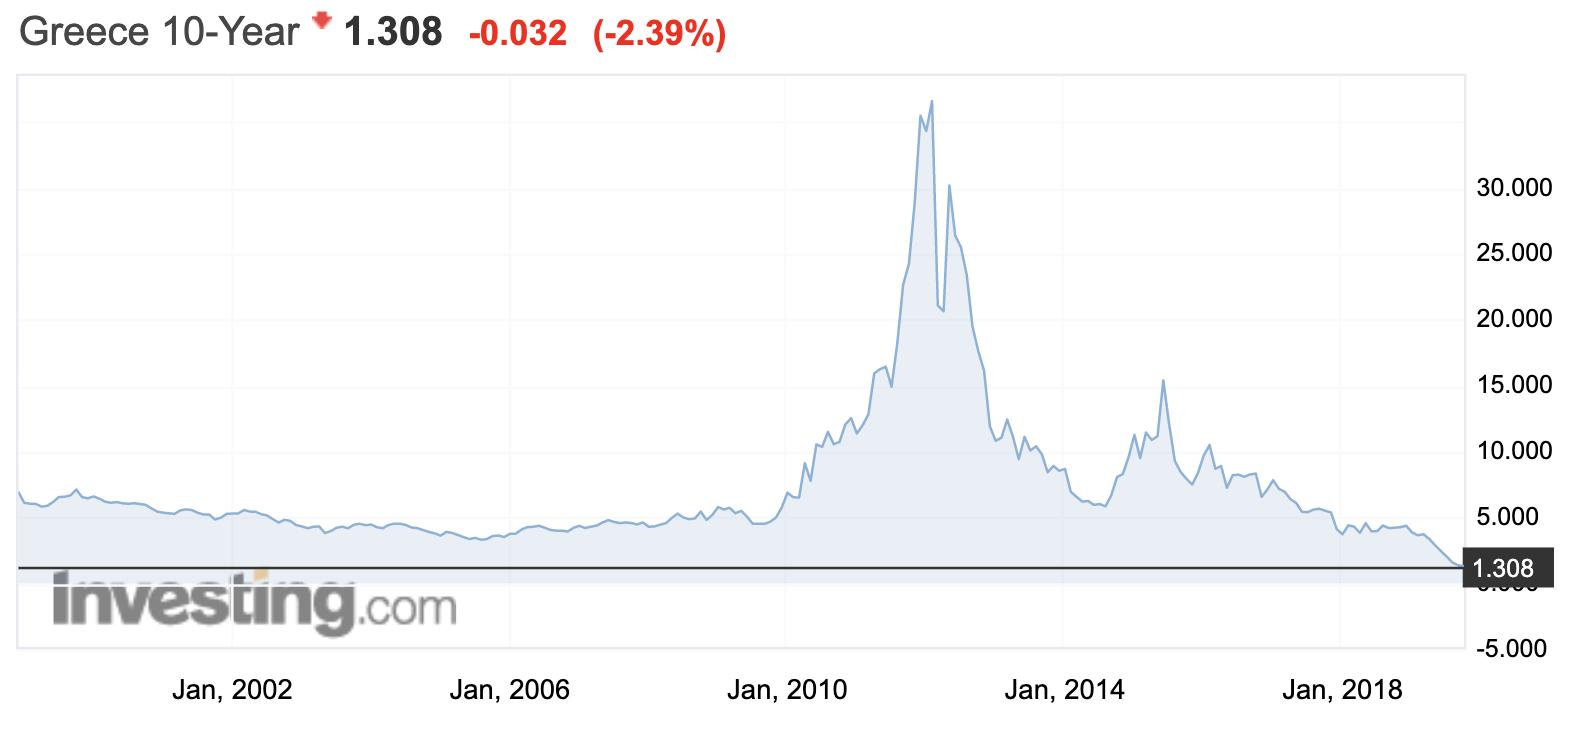 Griechenland 10 Jahre Anleihen Rendite